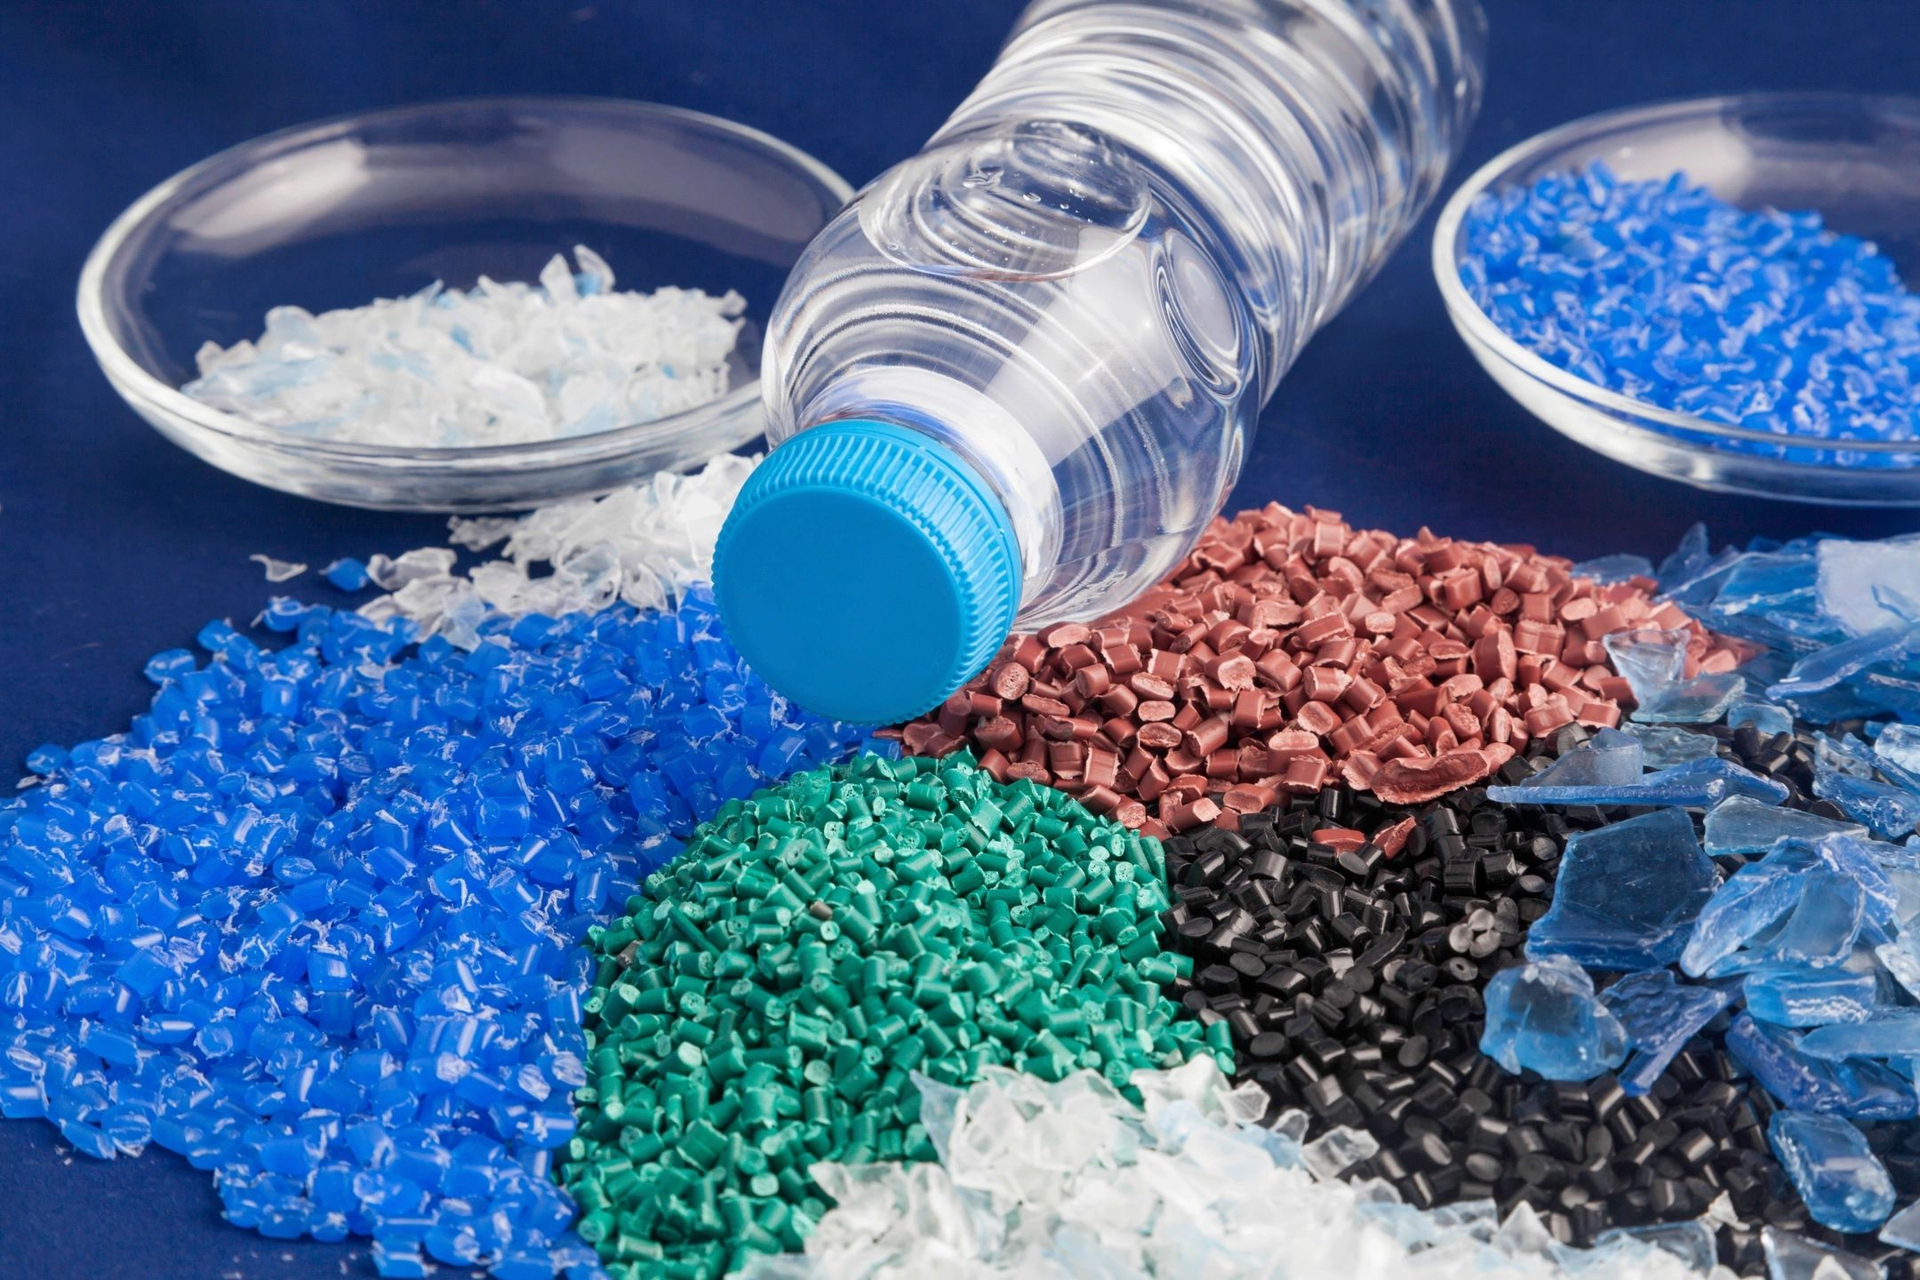 Переработка пластика как способ утилизации пластиковых отходов